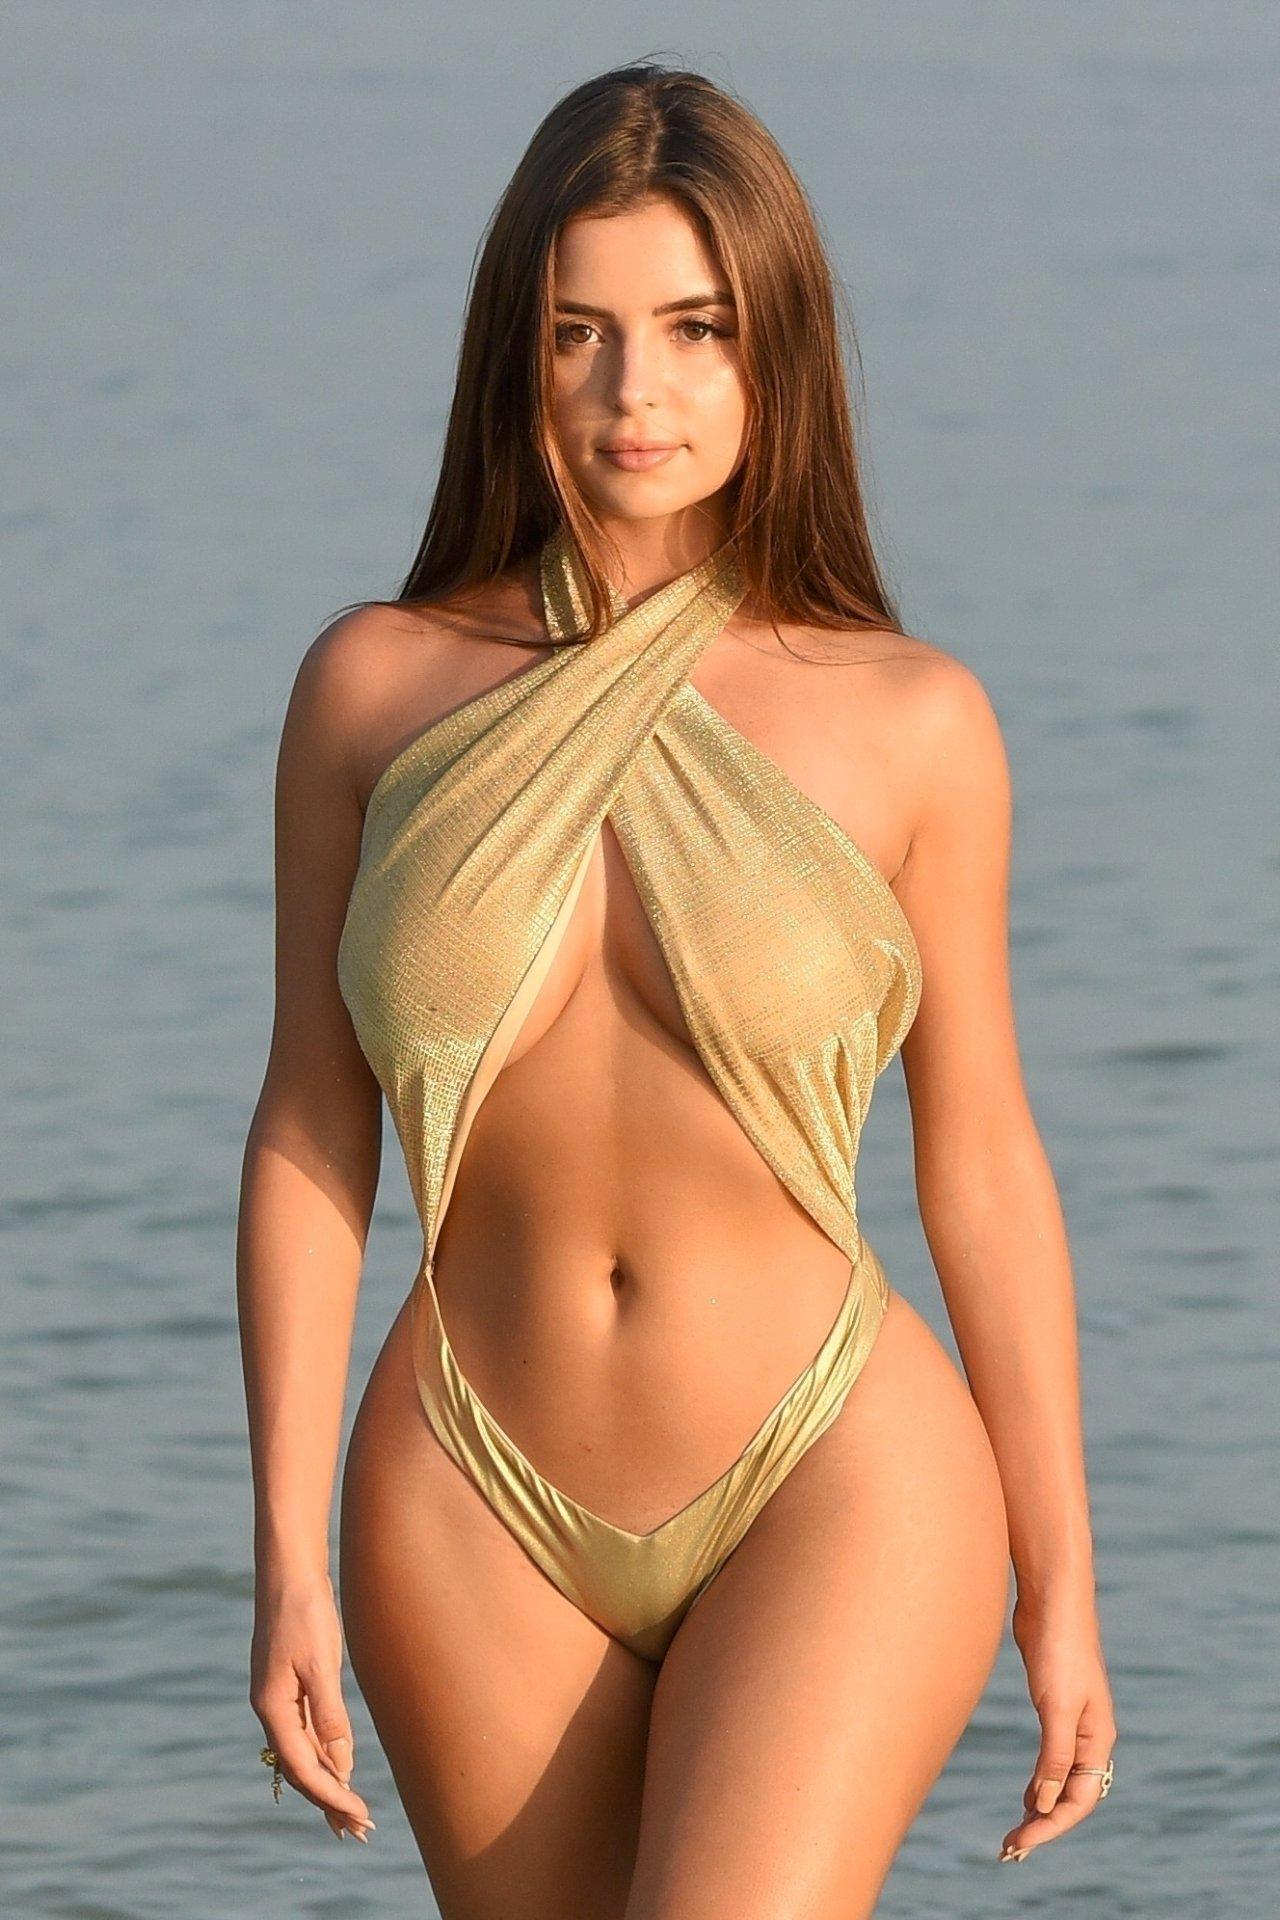 Demi Rose Mawby Sexy Body